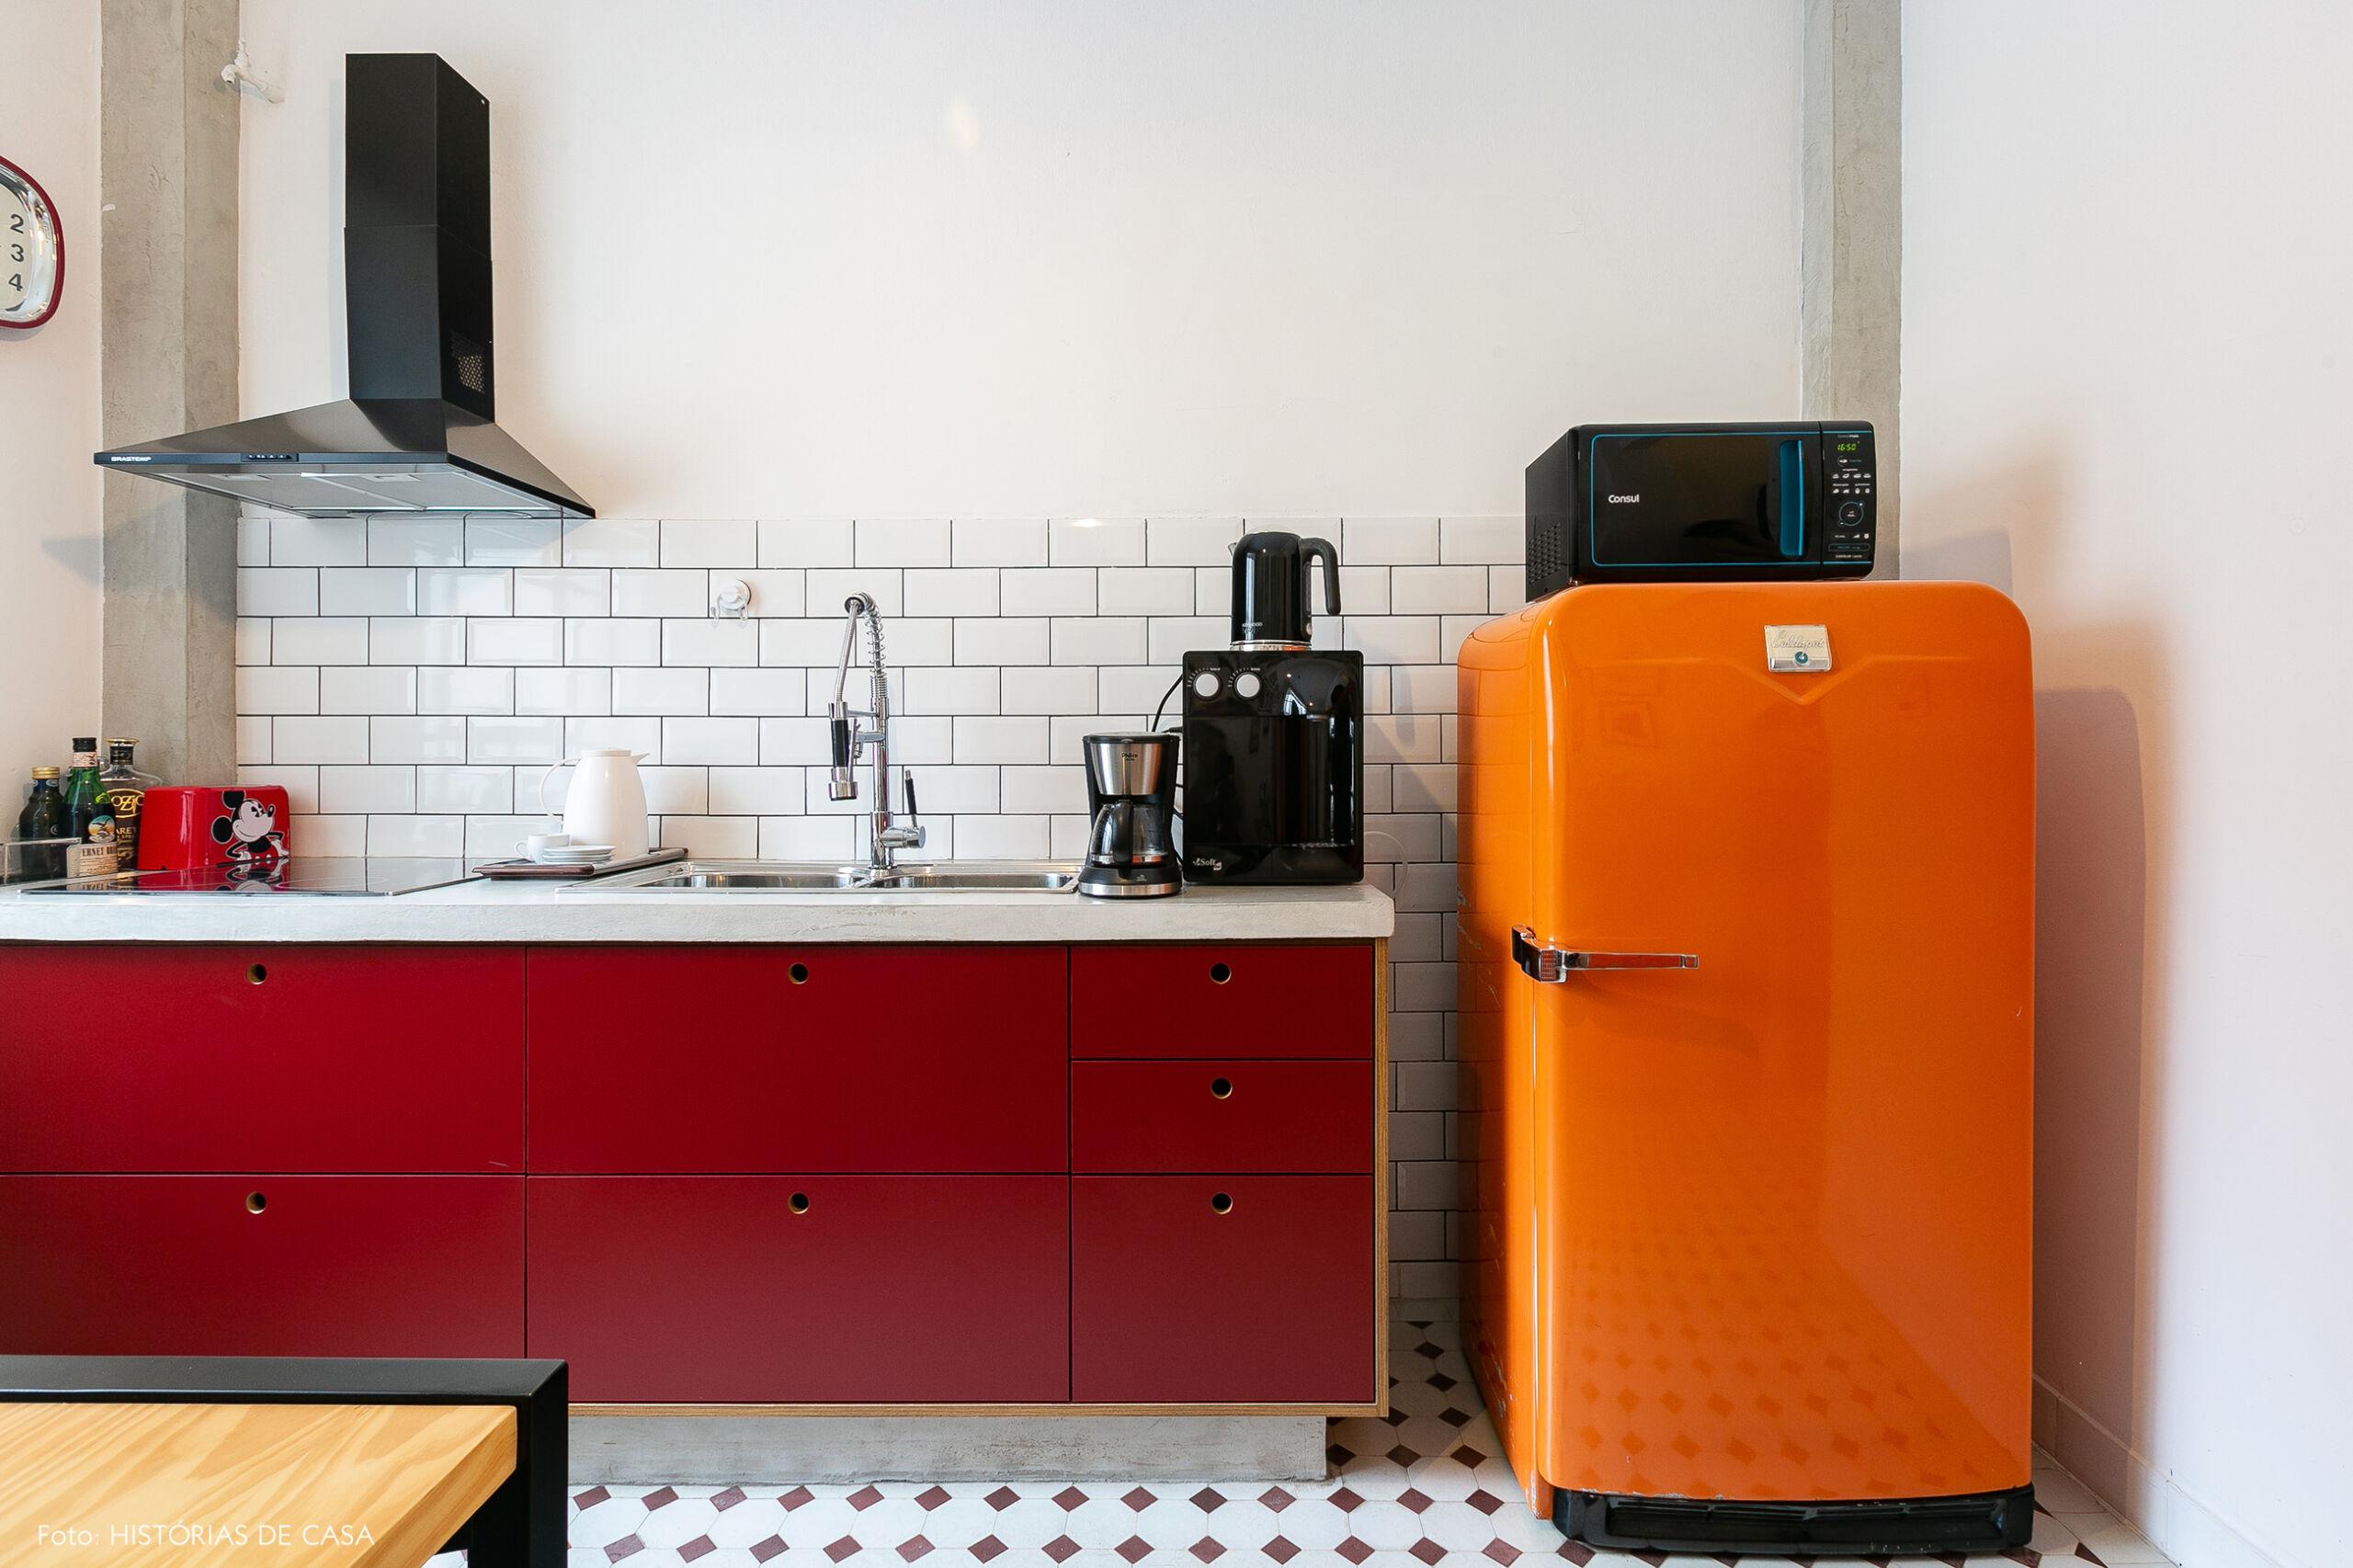 Copa de escritório com geladeira colorida e subway tiles